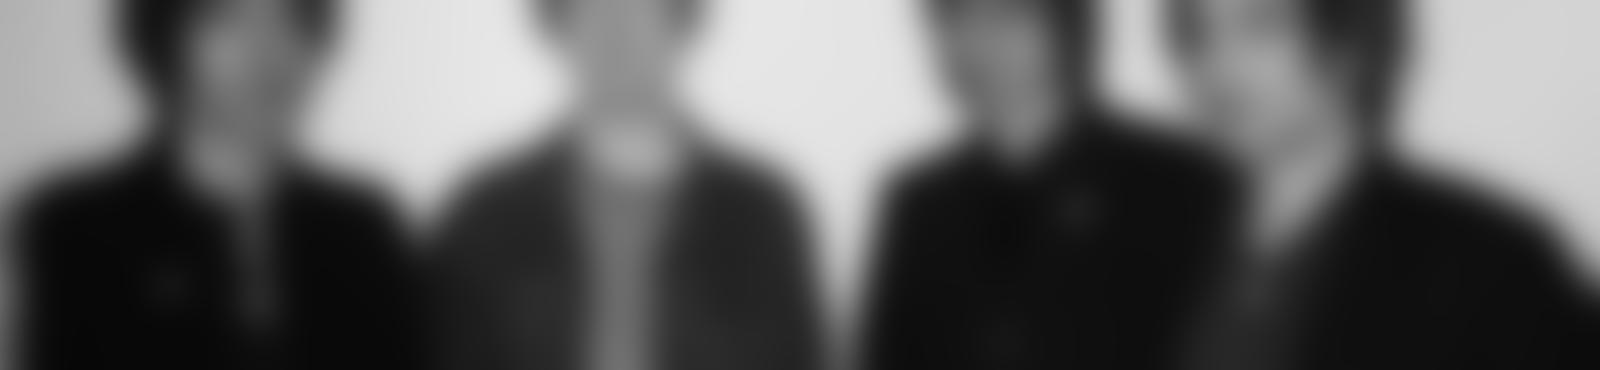 Blurred e27c3975 dd53 4347 8a46 9afe46d4887f